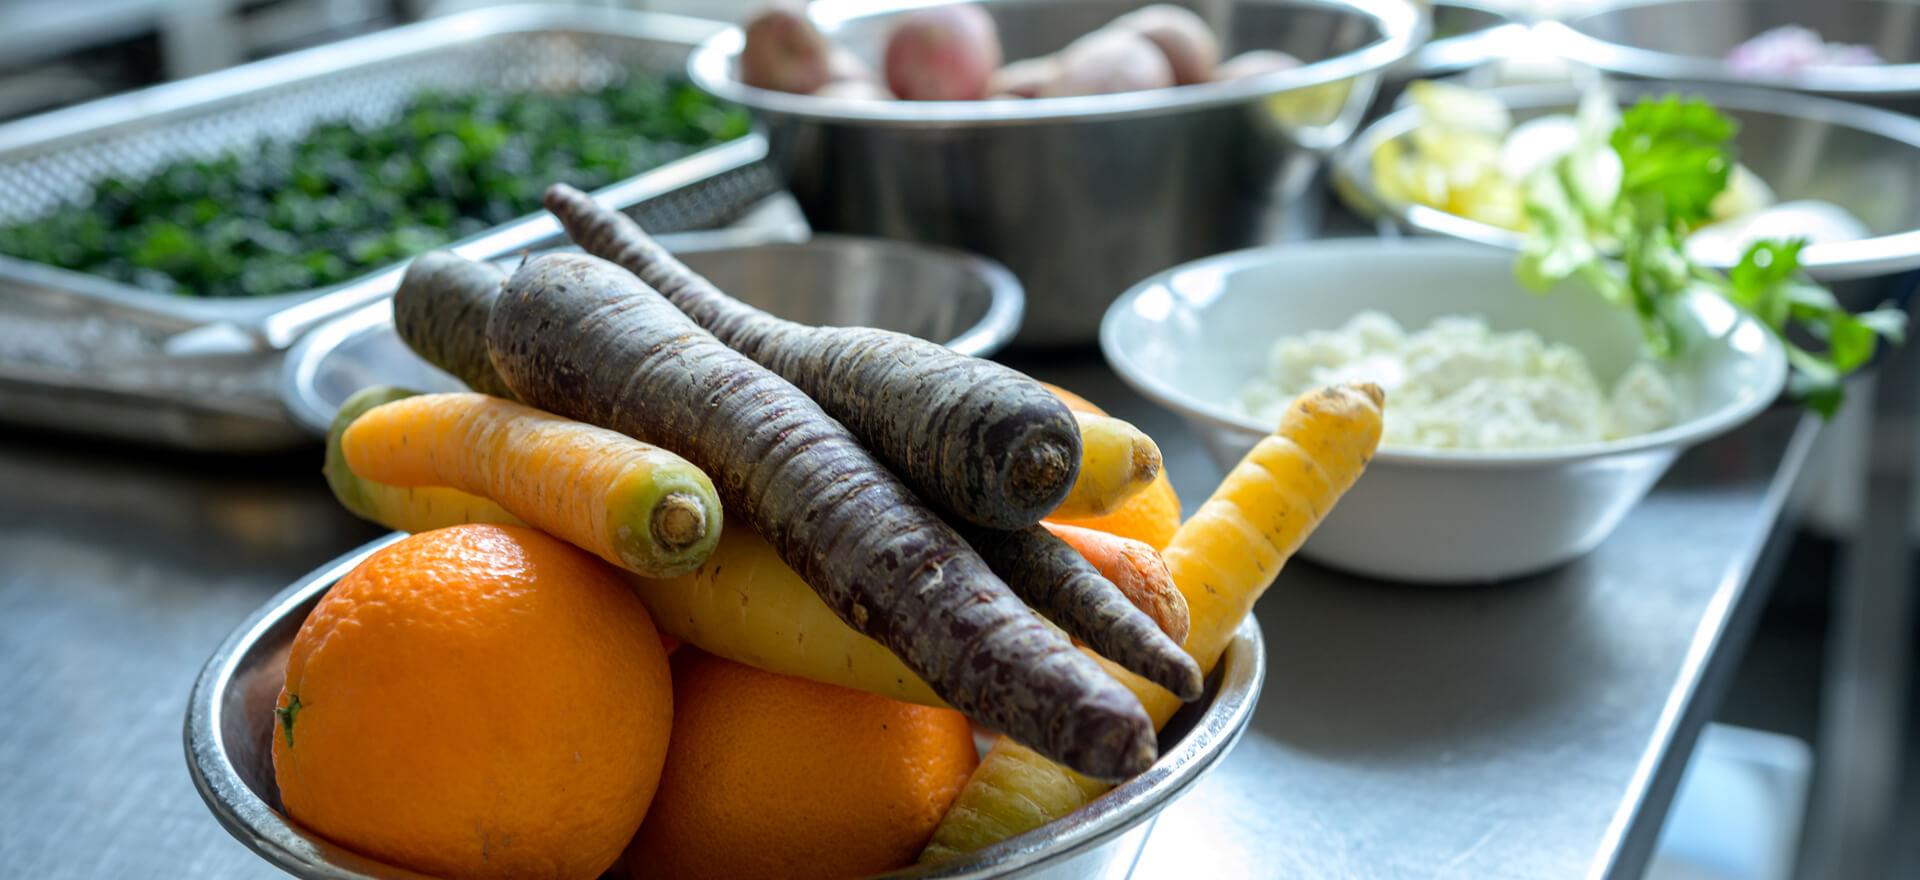 Kloosterhotel ZIN Keuken MVO certificaat biologisch duurzaam penen sinasappel kruiden wortel